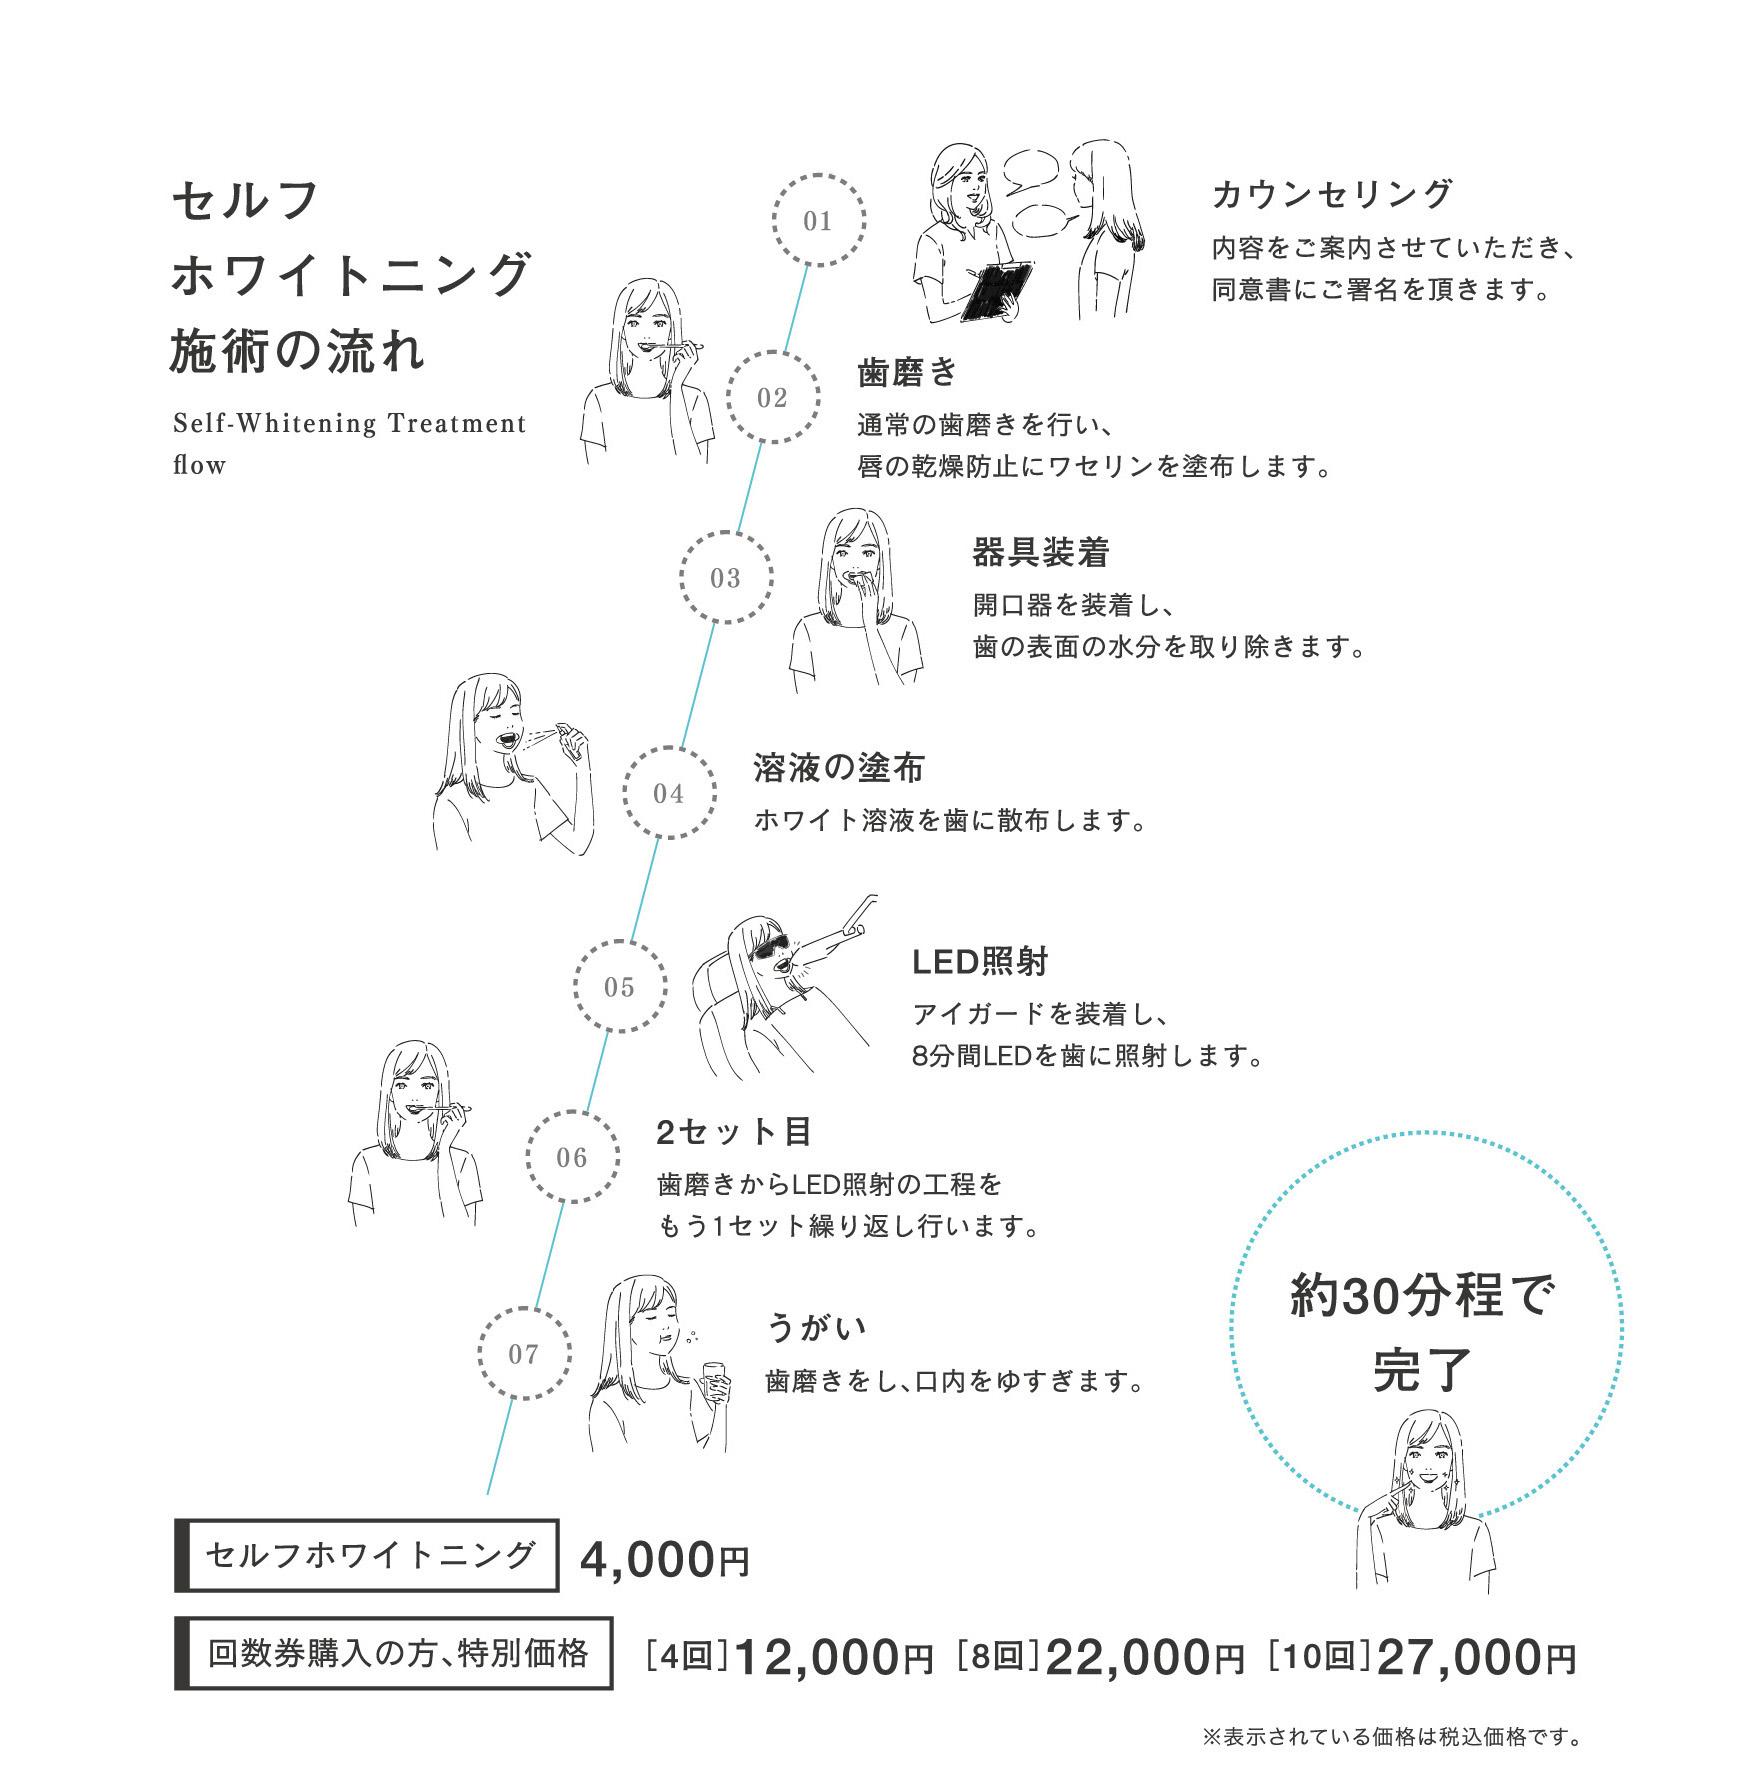 セルフホワイトニング 4,000円 回数券購入の方、特別価格 [4回]12,000円 [8回]22,000円 [10回]27,000円